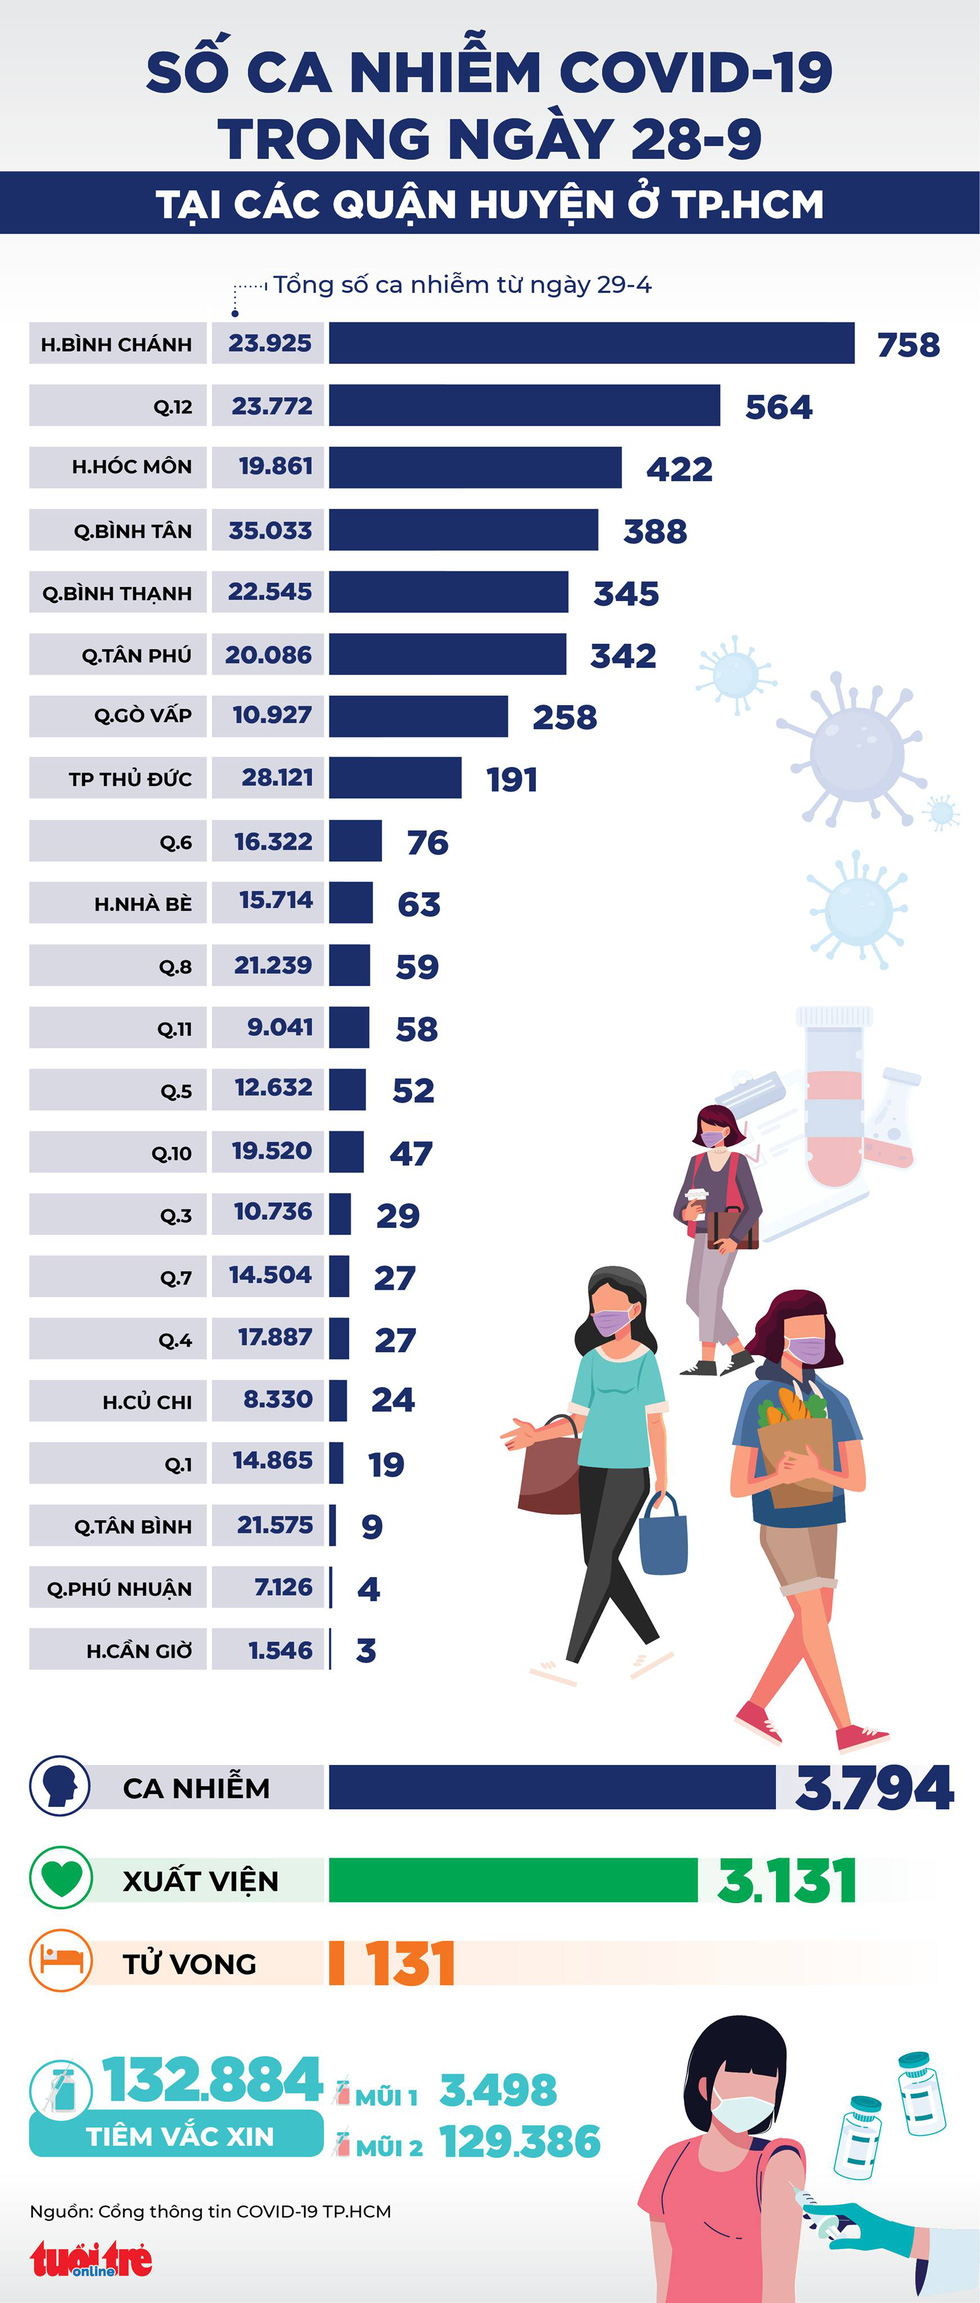 Infographic số ca COVID-19 tại các quận huyện ở TP.HCM ngày 28-9 - Ảnh 1.